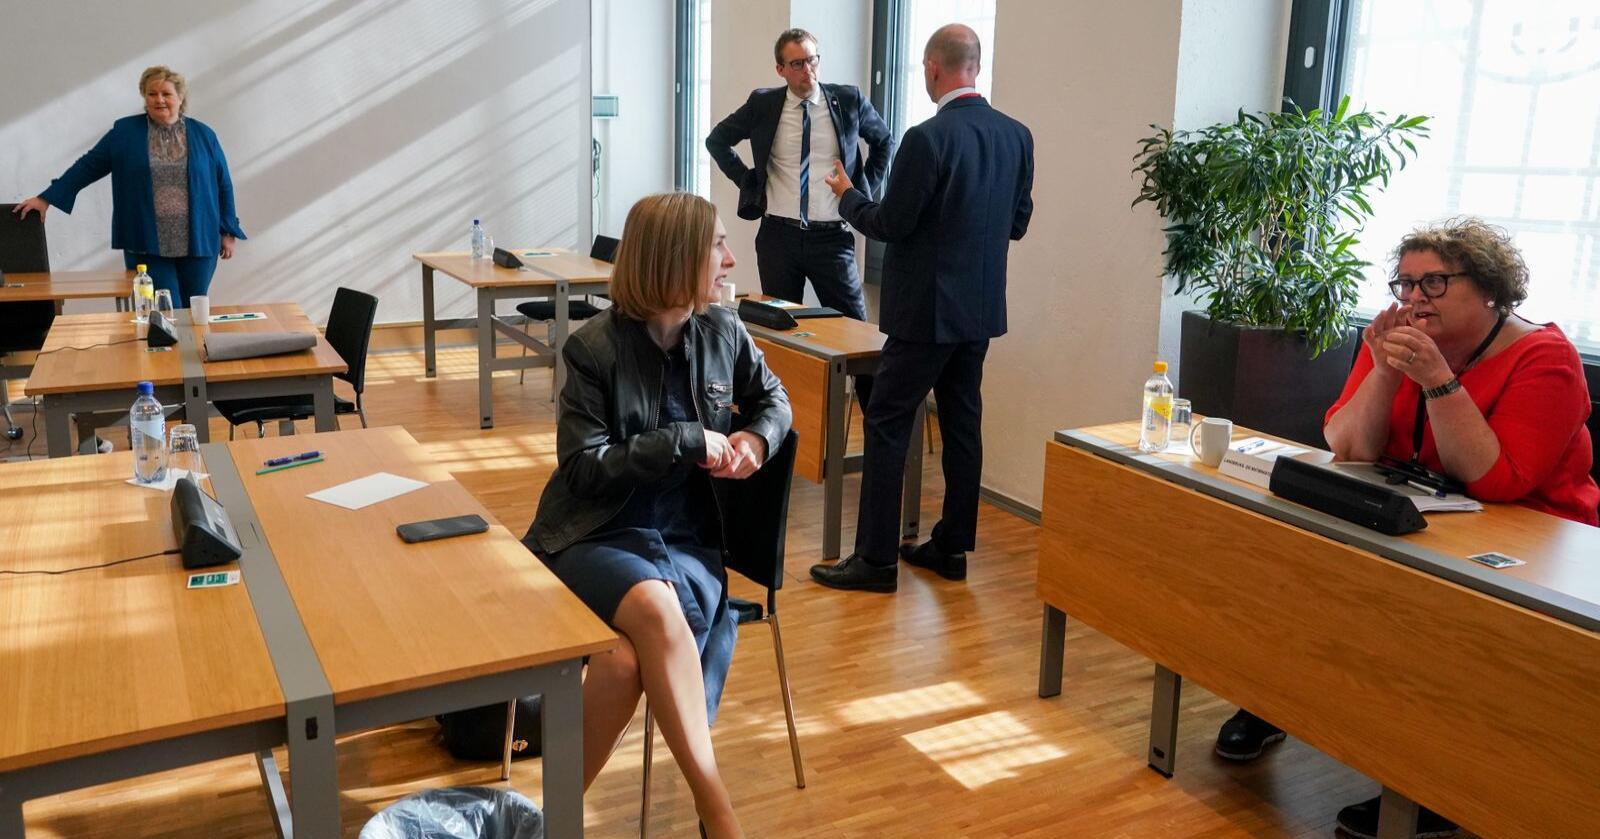 Næringsminister Iselin Nybø (V) og landbruks- og matminister Olaug Bollestad (KrF) slapp nyheten om støtteordningen tirsdag. Foto: Fredrik Hagen / NTB